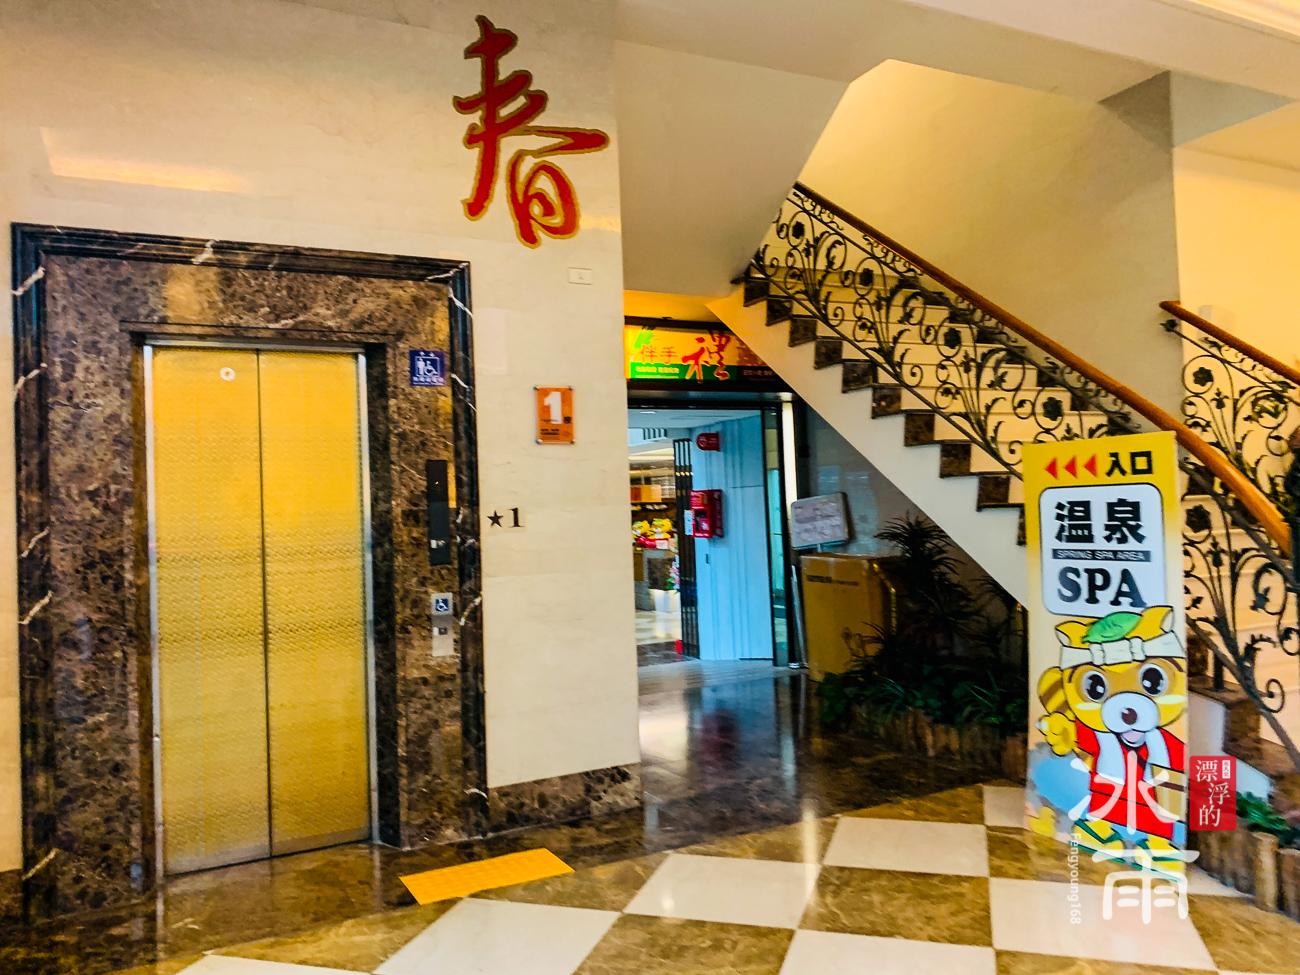 川湯春天溫泉飯店德陽館 早餐廳的電梯